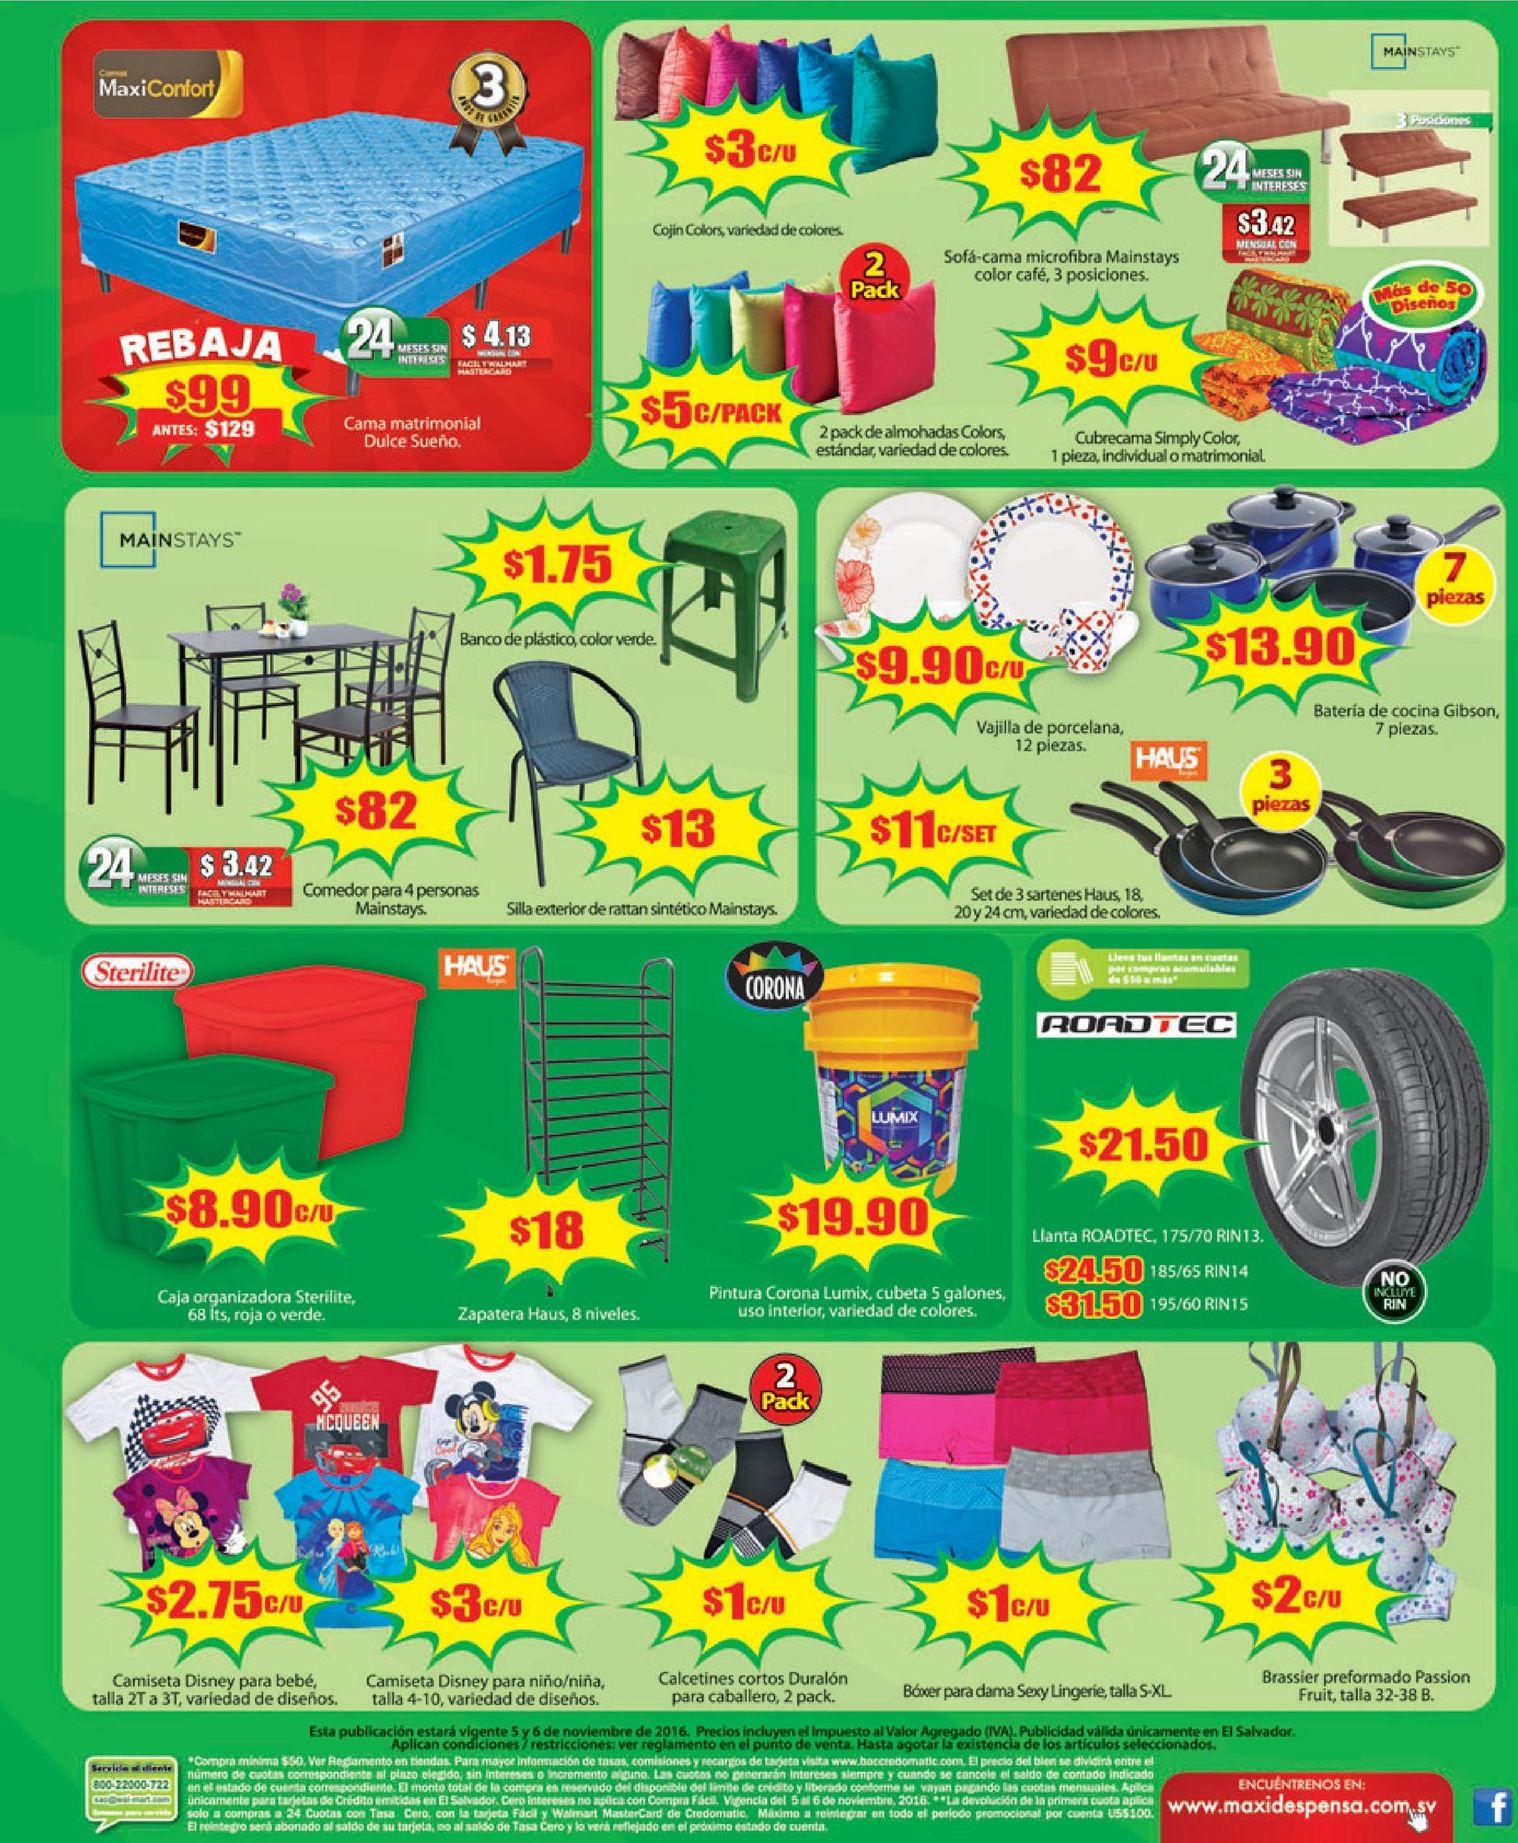 Articulos de hogar en el dia mas barato 2016 de maxi for Articulos decoracion hogar baratos